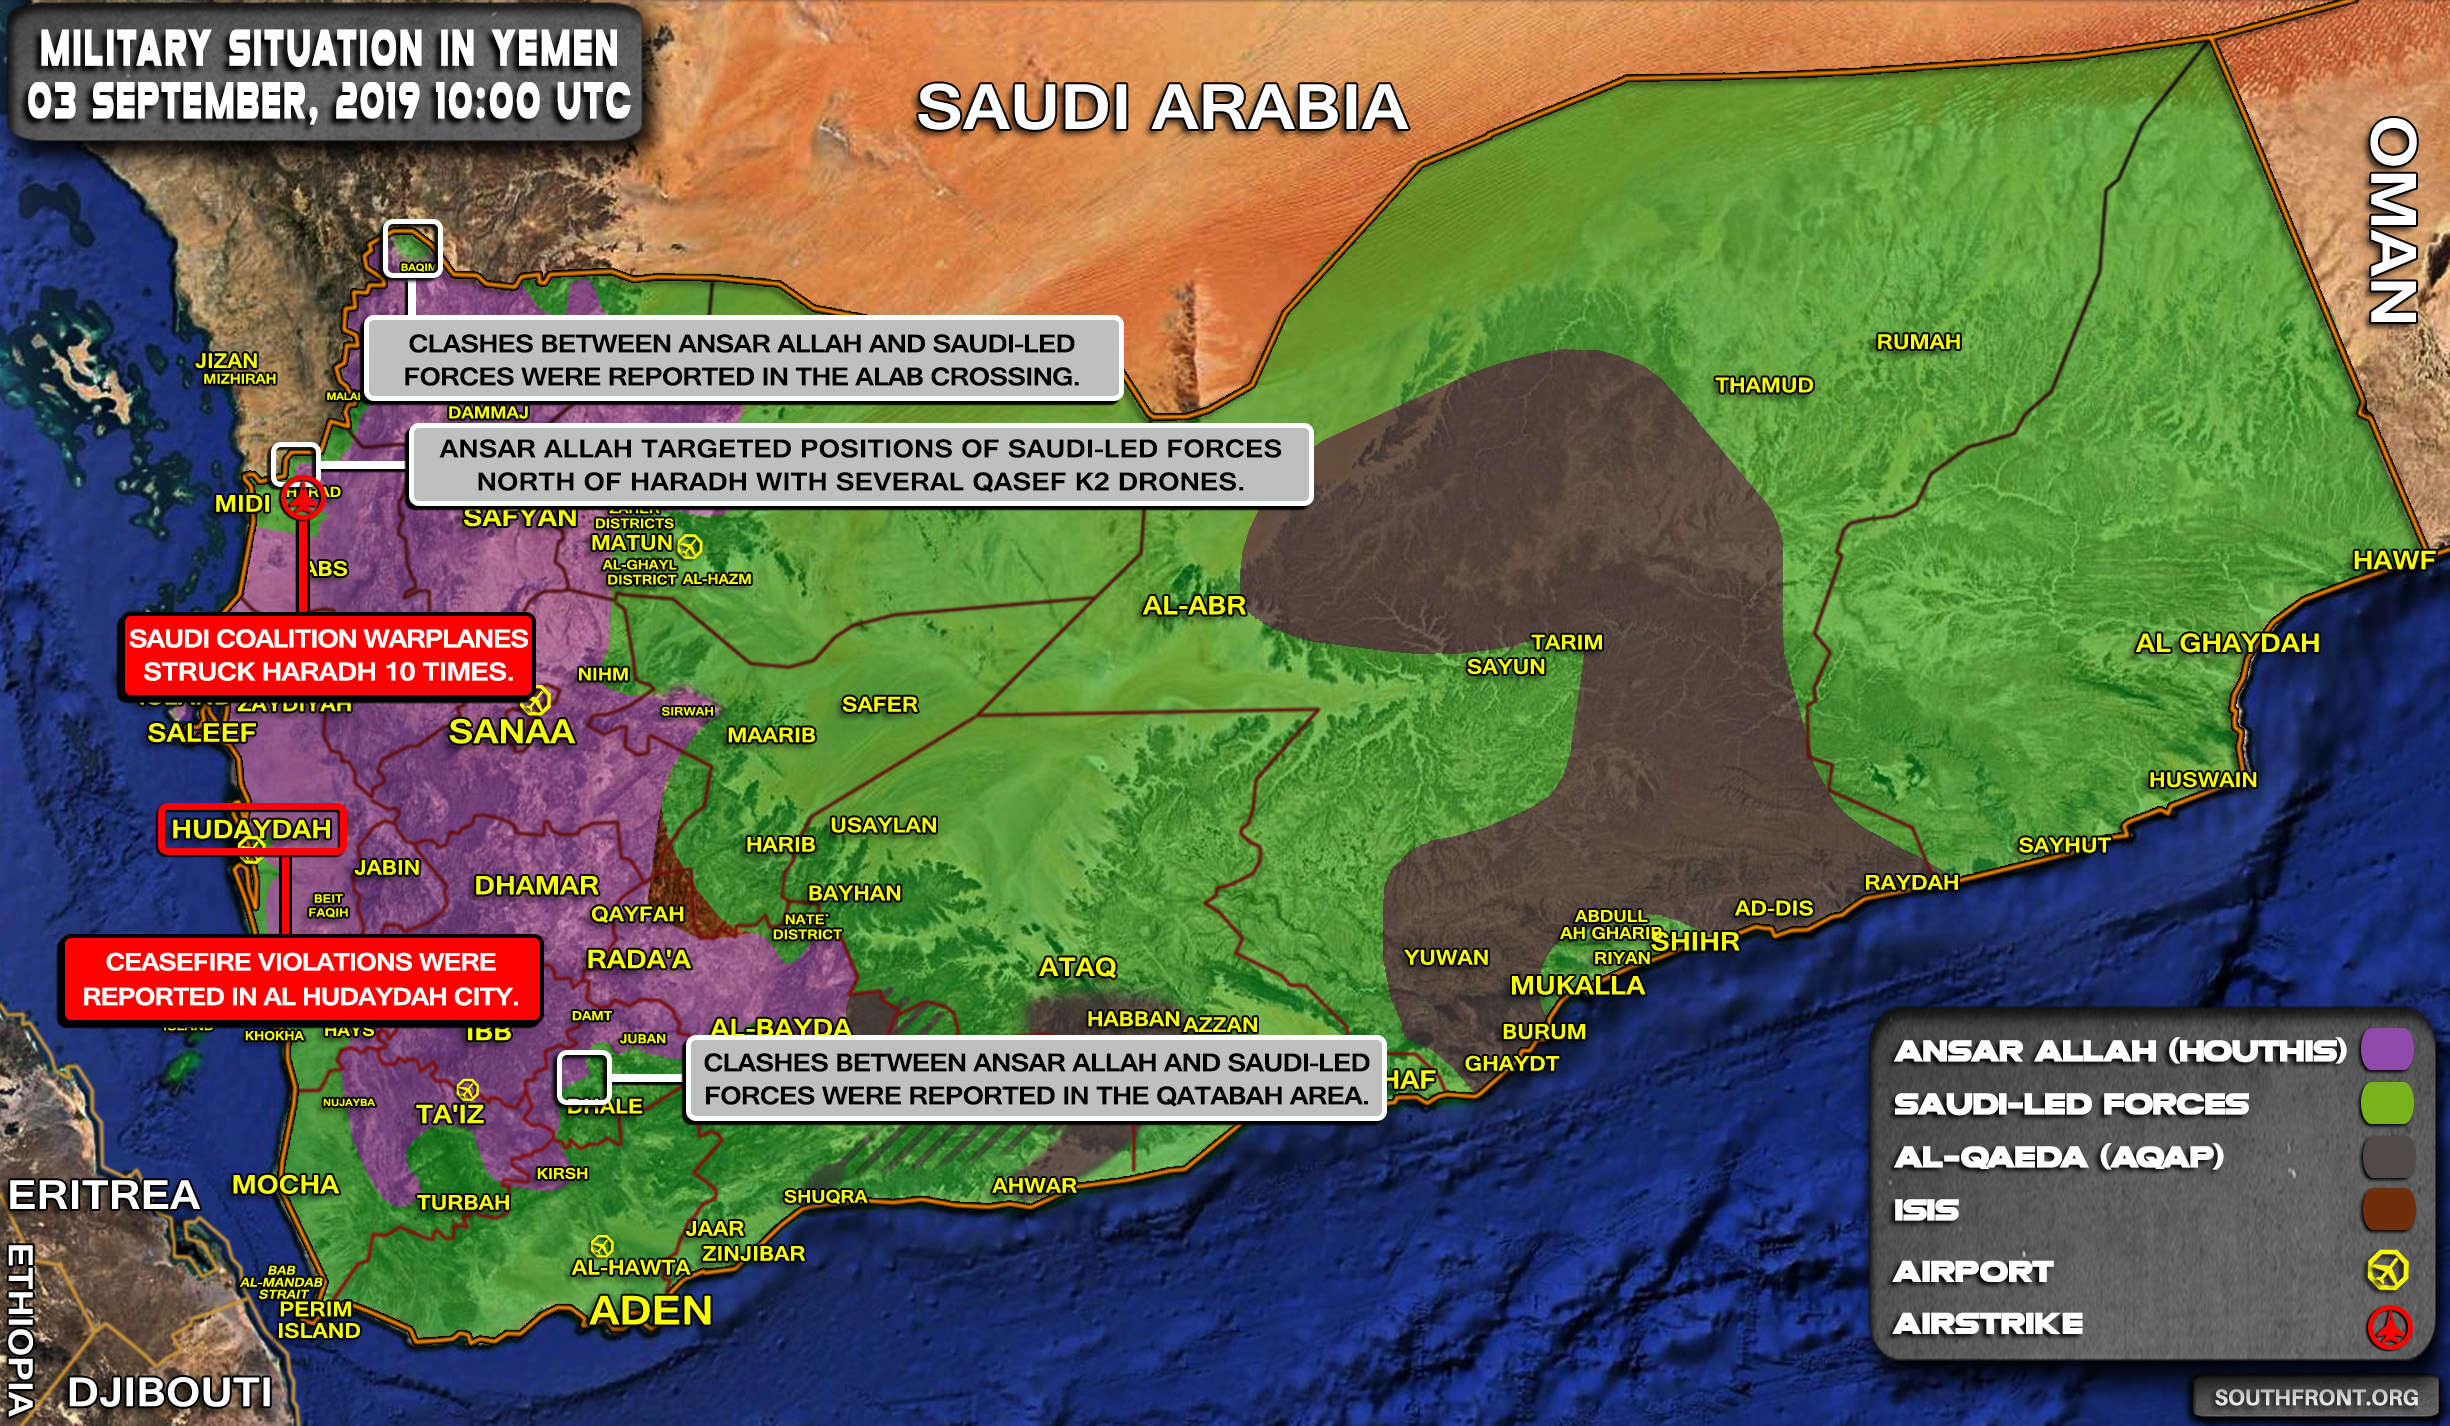 https://southfront.org/wp-content/uploads/2019/09/3sep_Yemen_war_map.jpg?x65360